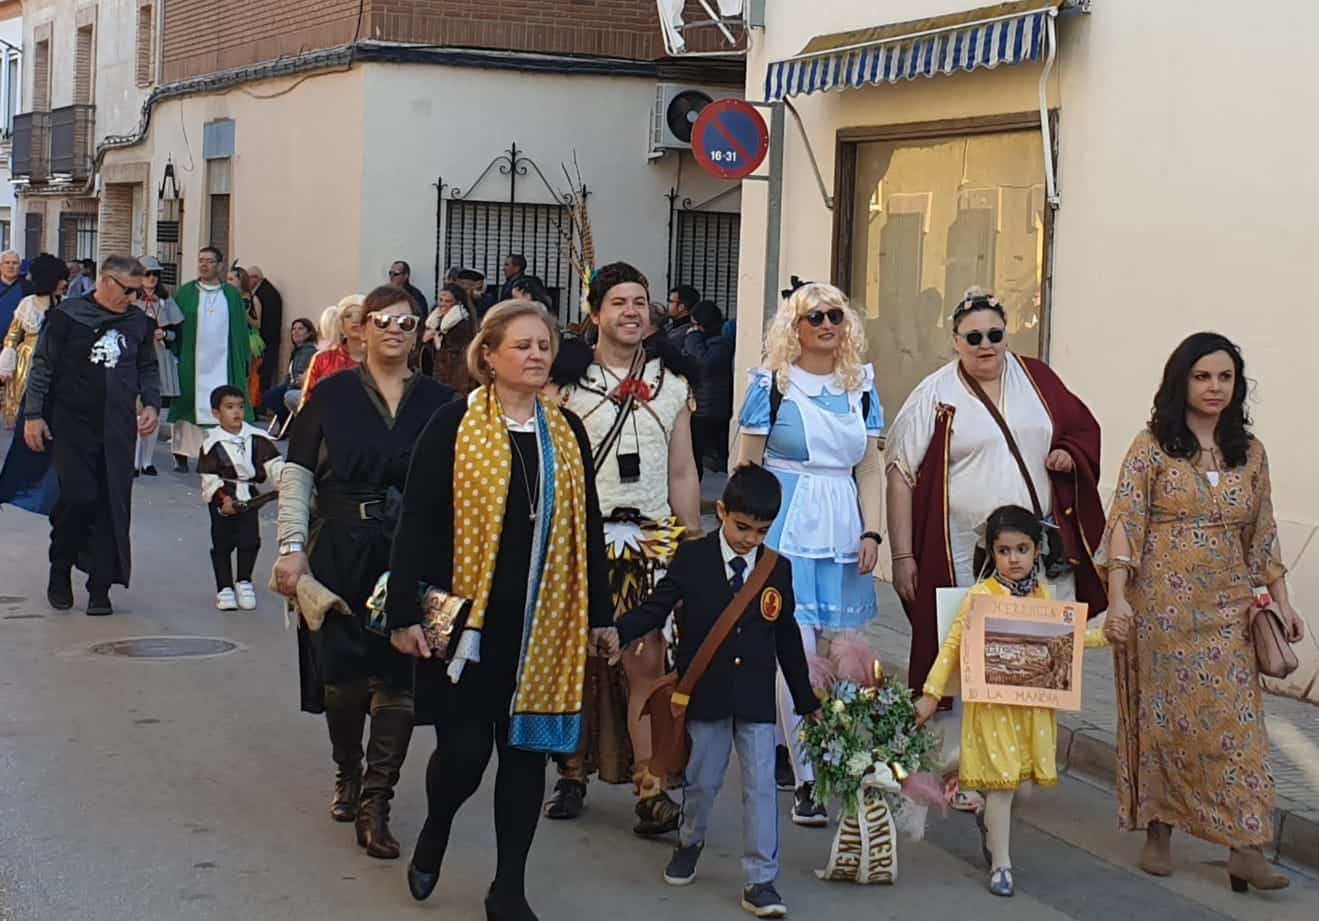 La diputada del PSOE, Cristina López, visitó el Carnaval de Herencia y a sus agricultores 6